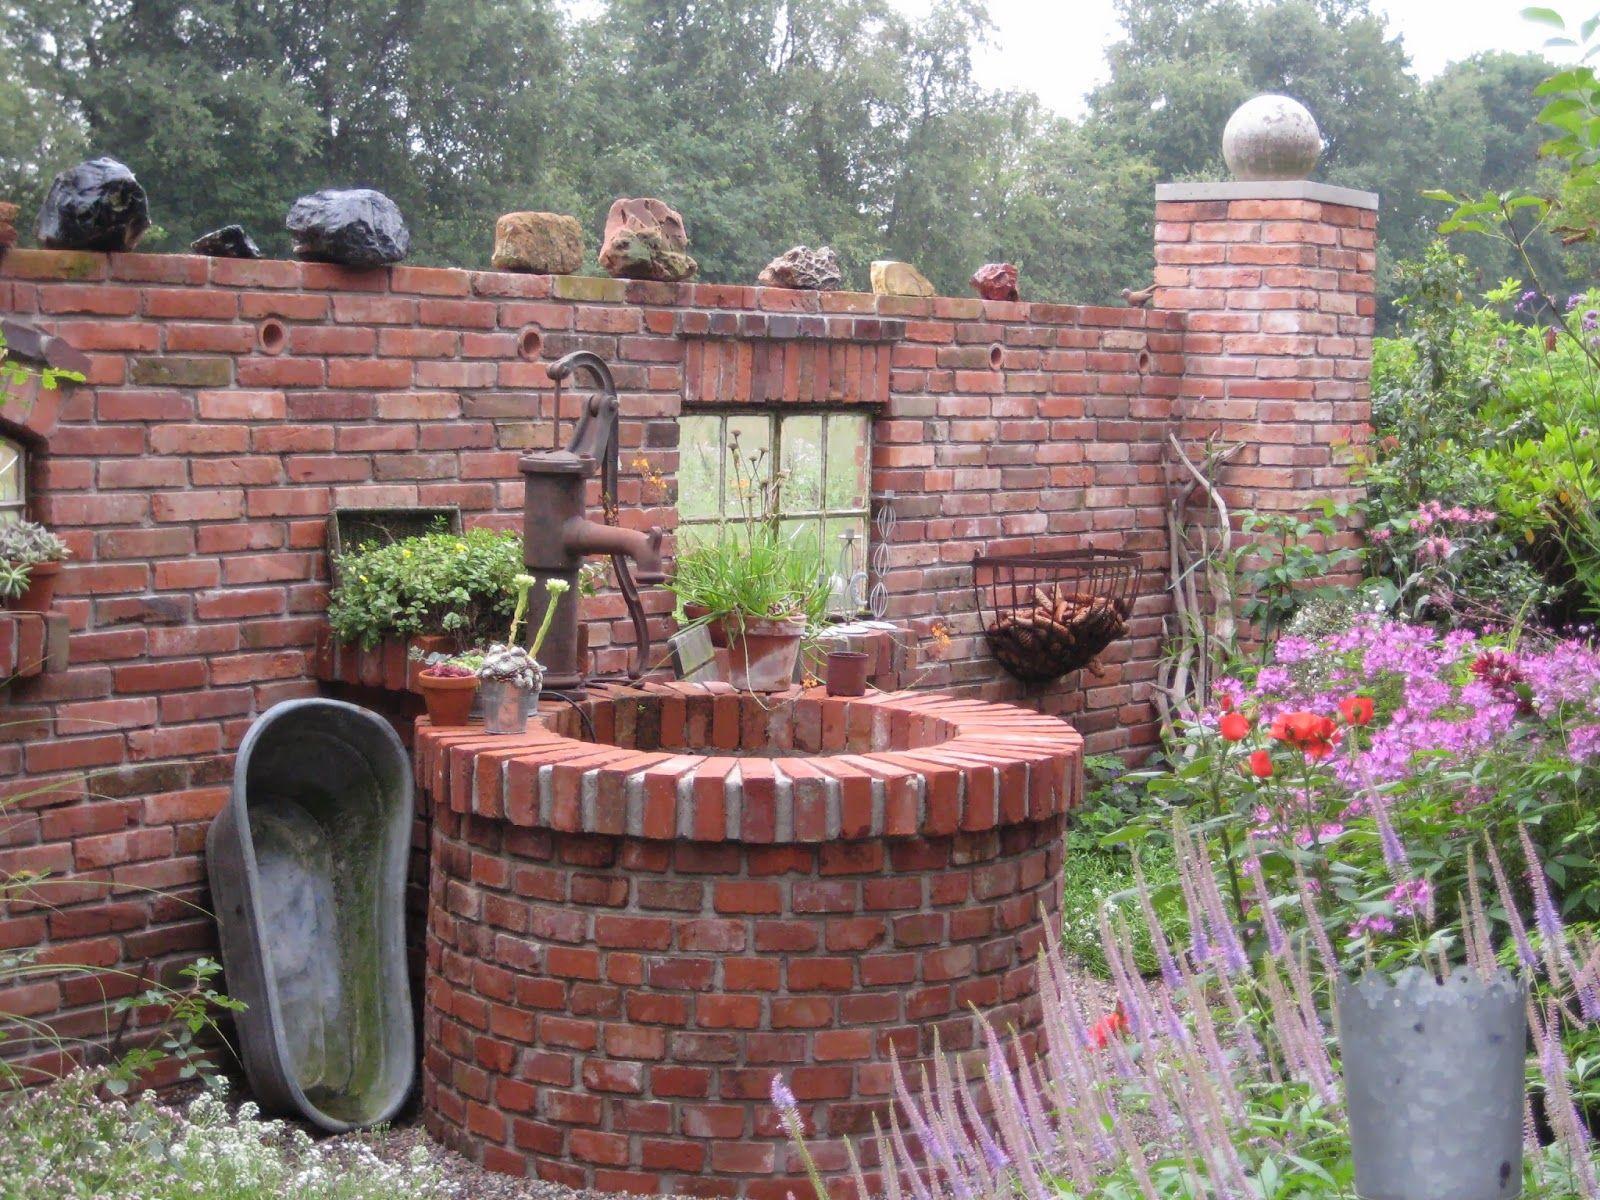 Mauern dienen als Abgrenzung zum Nachbarn, für Beete oder Terrassen, als Wind oder Sichtschutz